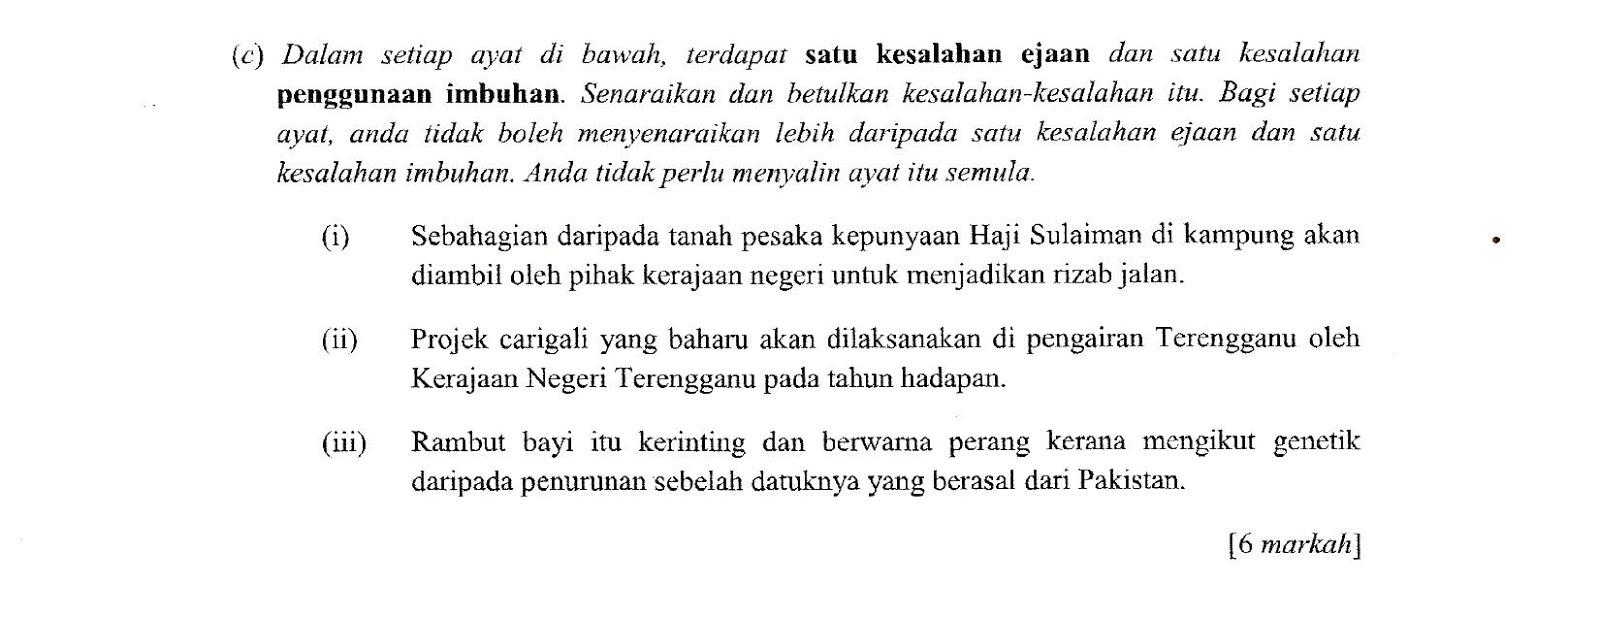 Laman Bahasa Melayu SPM: SOALAN DAN CADANGAN JAWAPAN ...